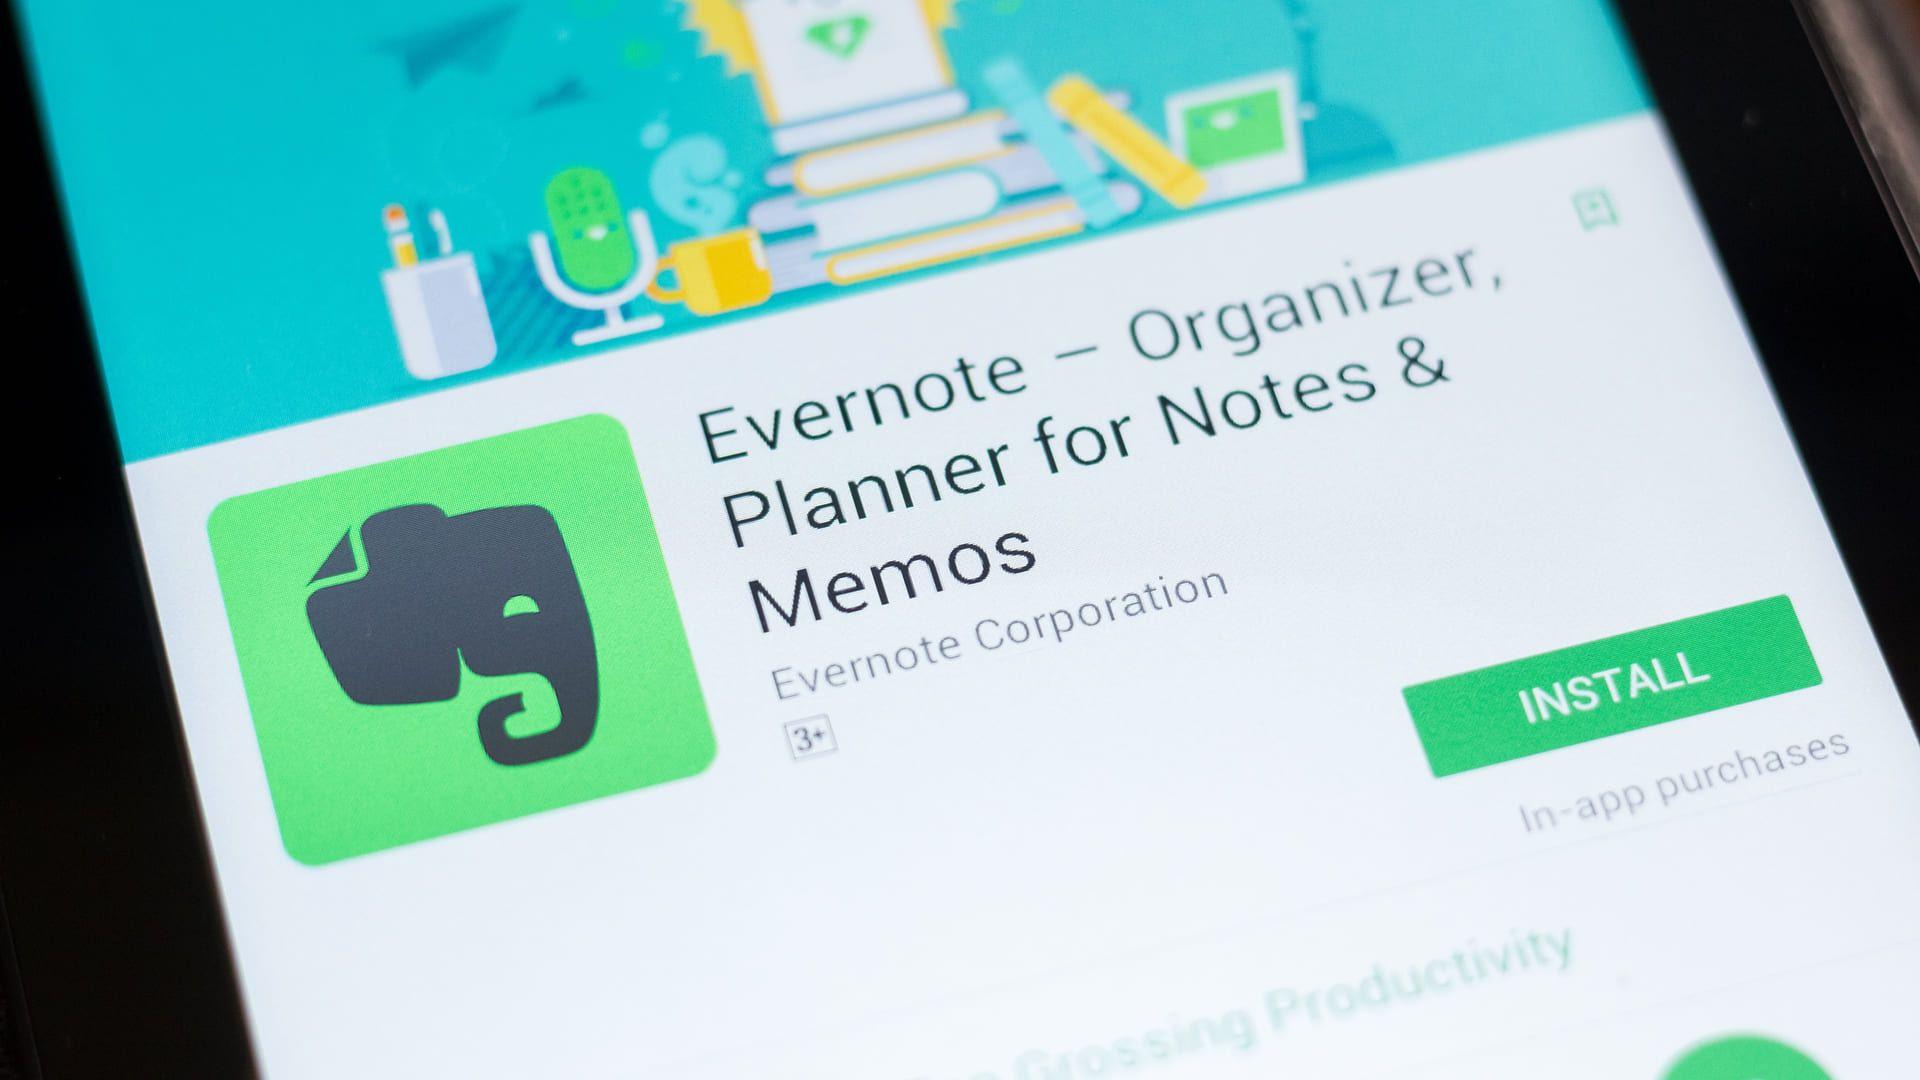 Tela do Evernote para download na biblioteca de aplicativos de um celular